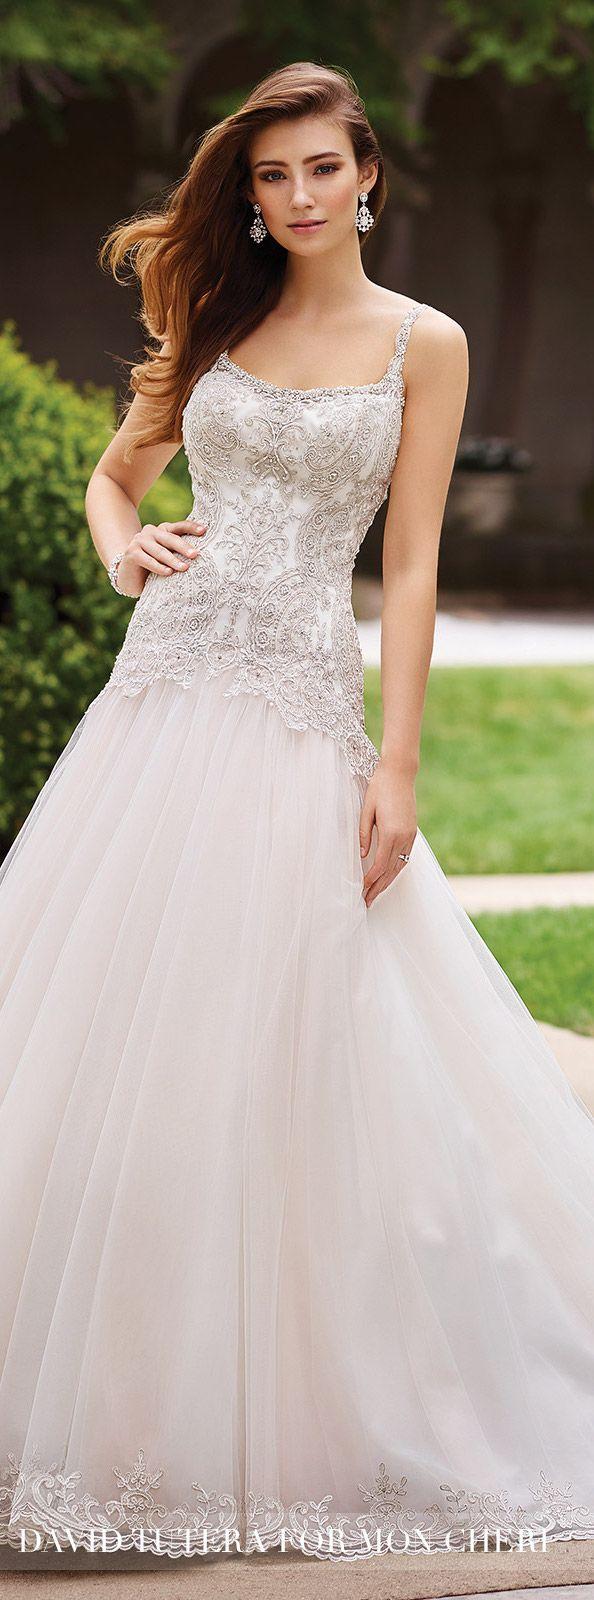 Wedding Dress by David Tutera for Mon Cheri 2017. mooi licht gekleurd borduurwerk en mooie vorm